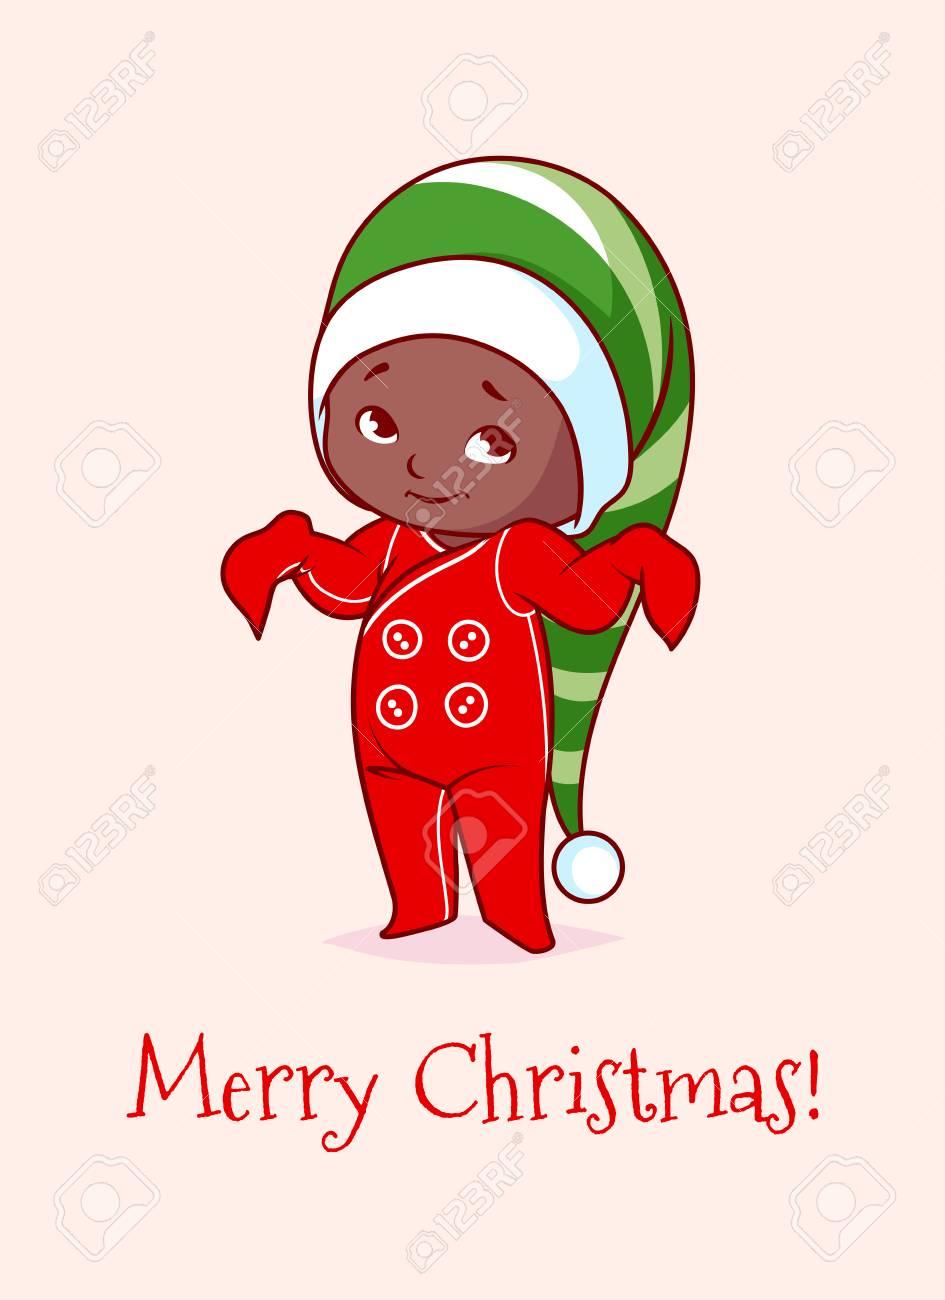 Carte De Noël Avec Un Joli Bébé Afro Américain Illustration De Dessin Animé De Vecteur